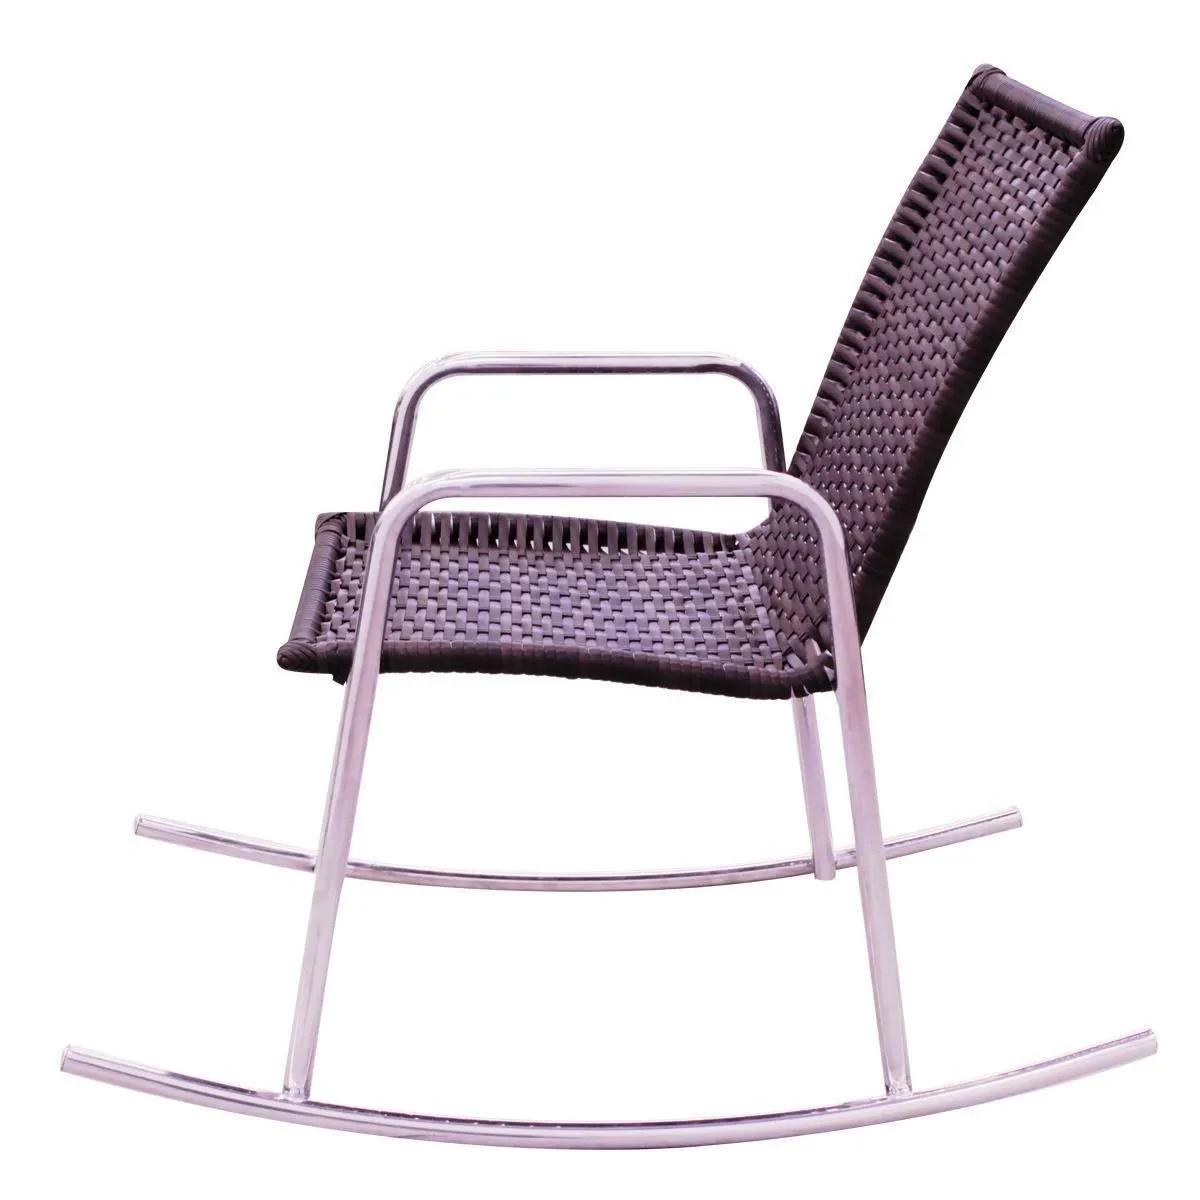 Cadeira de Balanço em Alumínio com Fibra Sintética CBR201